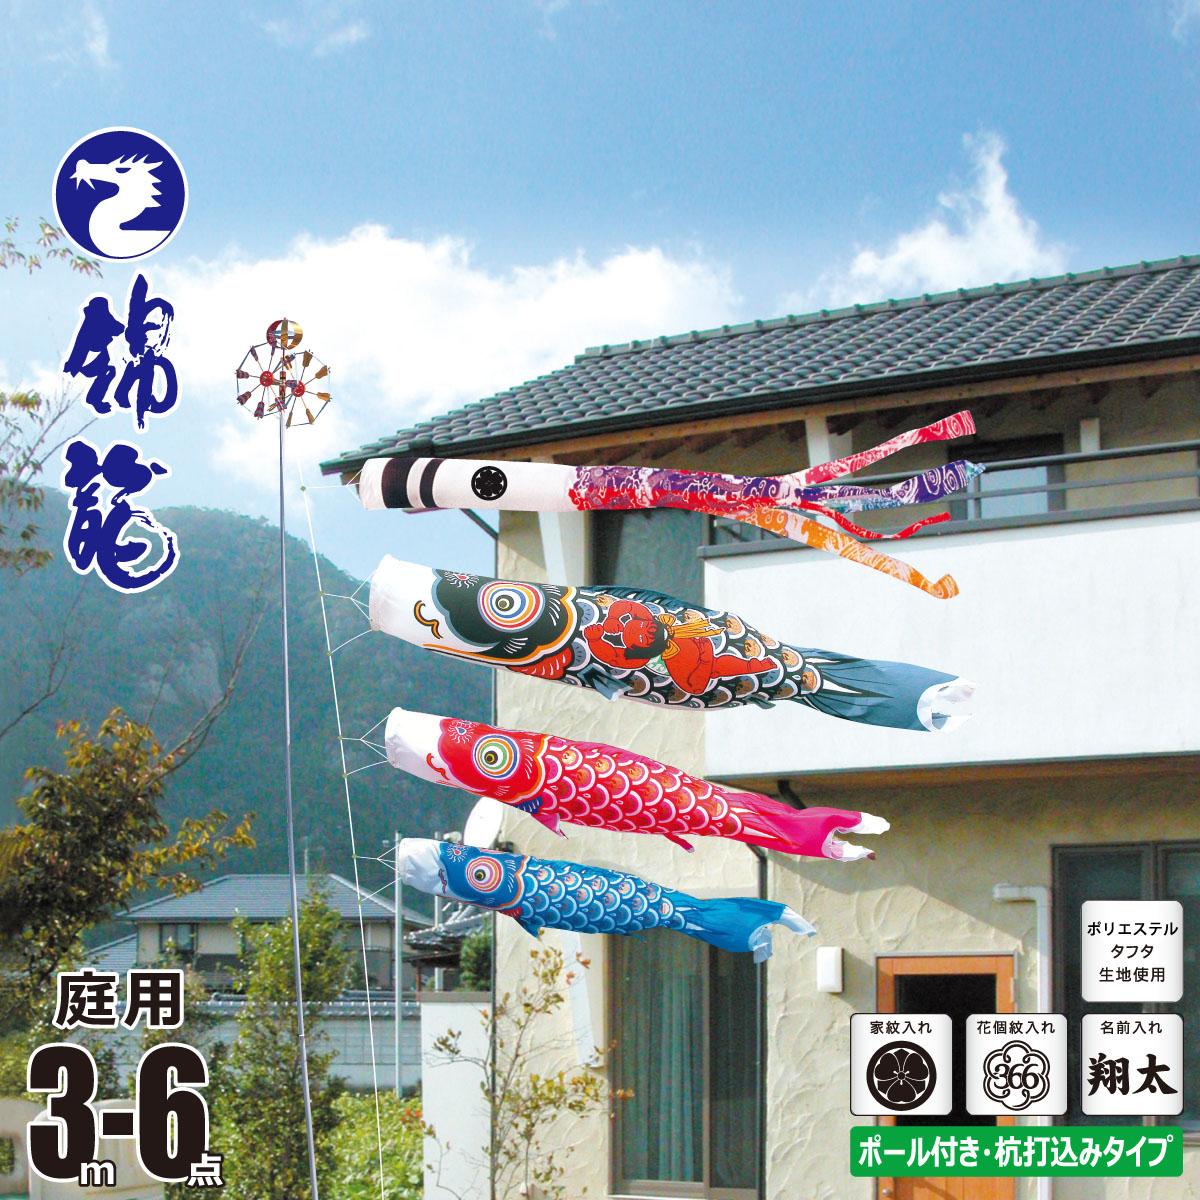 こいのぼり 3m 錦龍 6点 (矢車、ロープ、吹流し、鯉3匹) 庭園用 ガーデンセット (専用ポール一式) 徳永鯉のぼり KIT-115-450